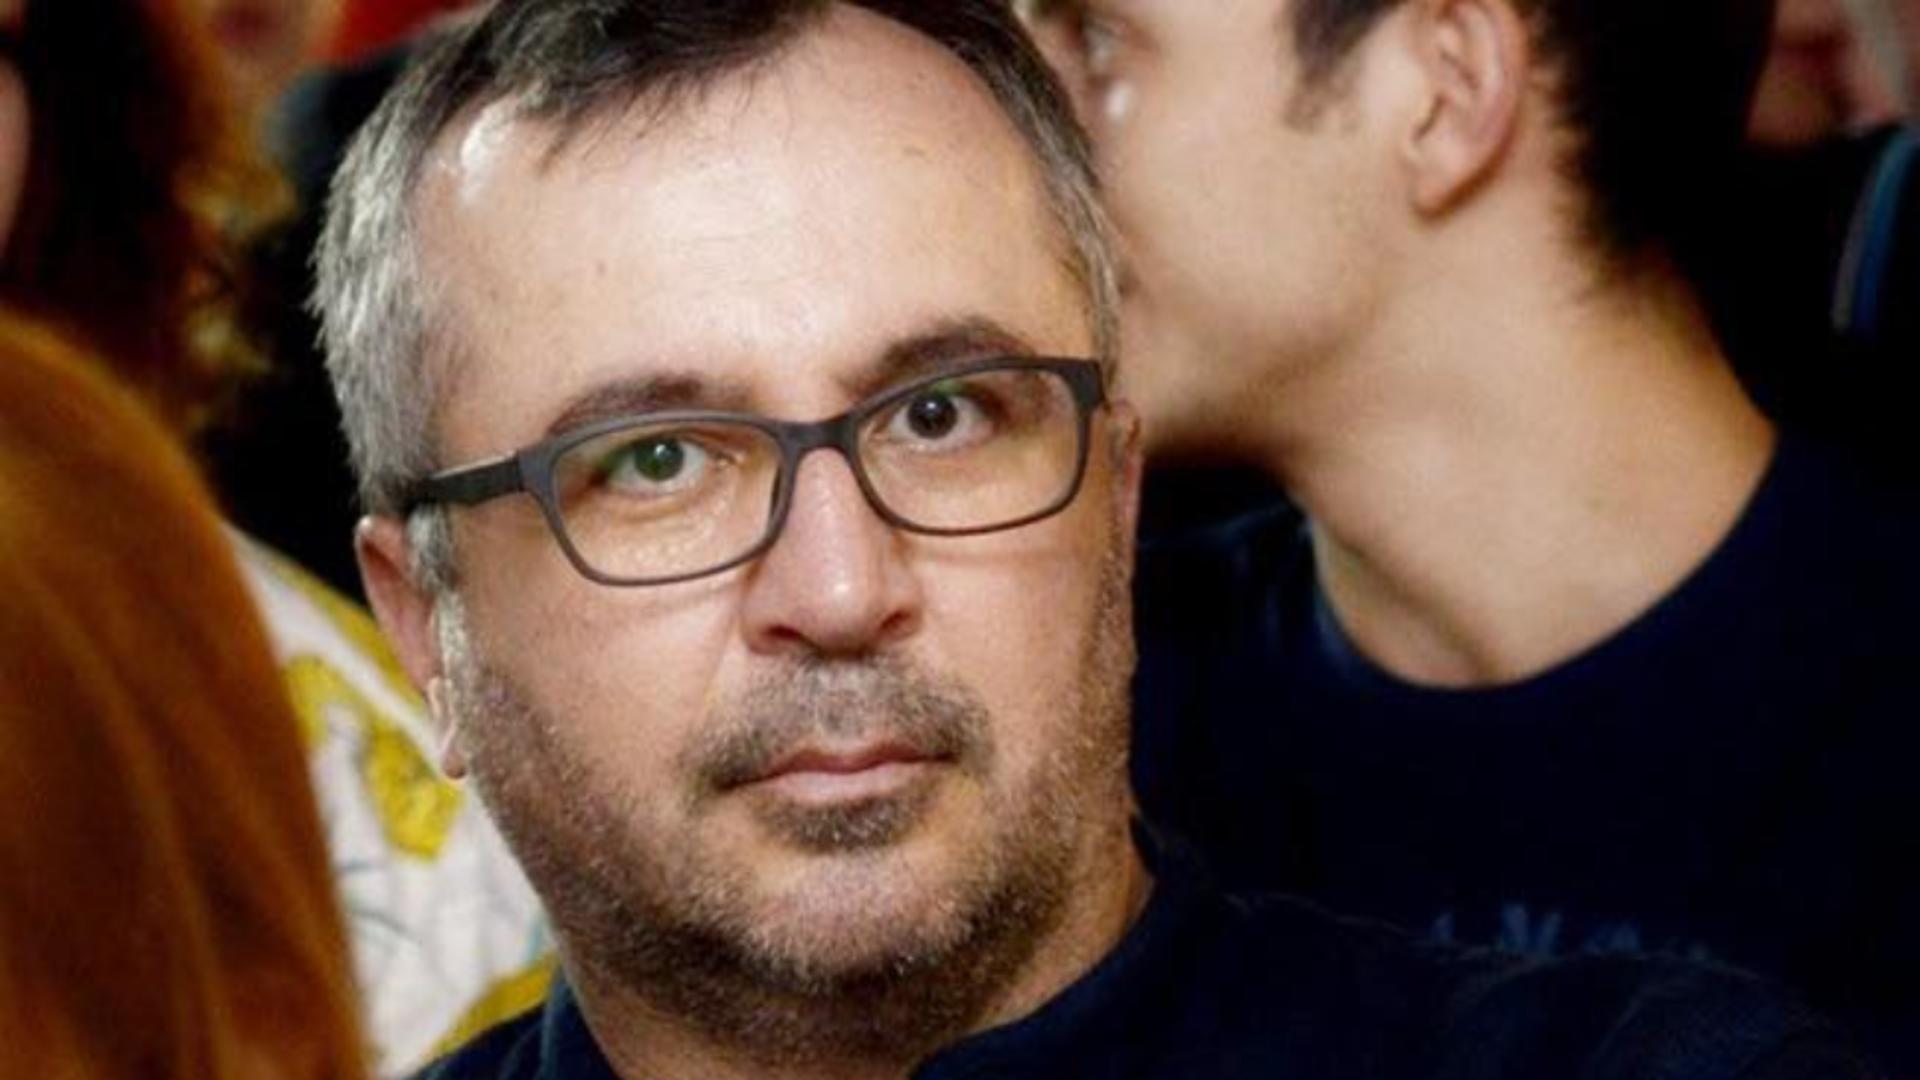 Directorul interimar la SRR, votat de Parlament -Liviu Popescu conduce Radioul public până la sfârșitul anului 2021 Foto: Facebook.com